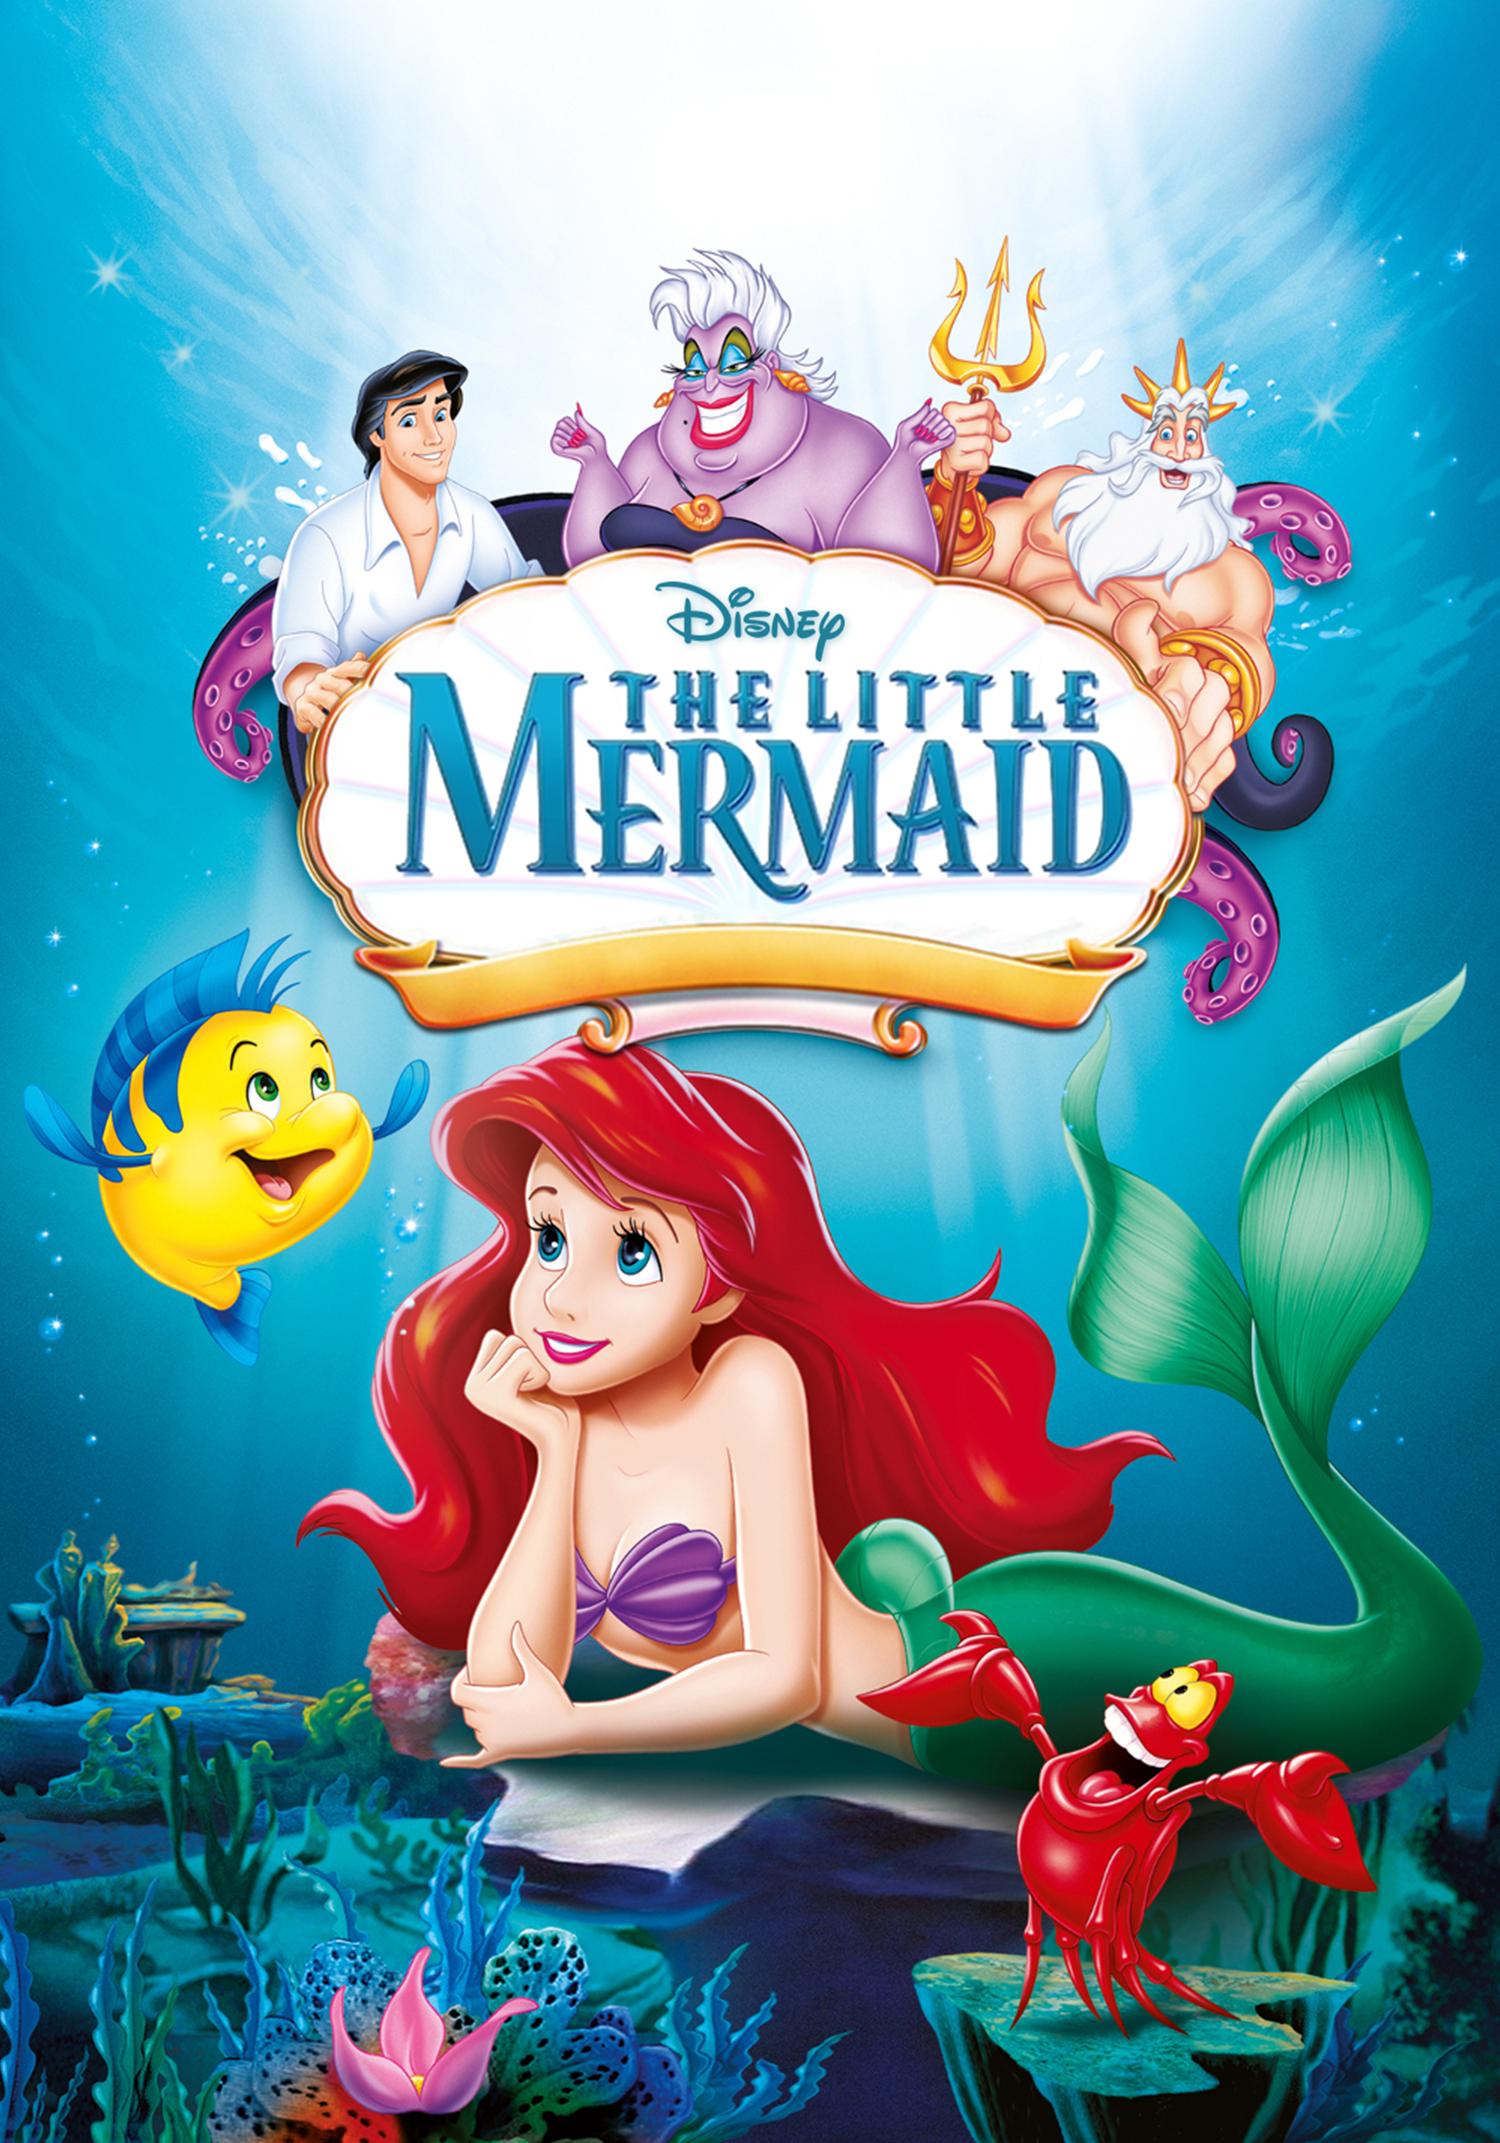 The Little Mermaid | Disney Wikmrd Wiki | Fandom